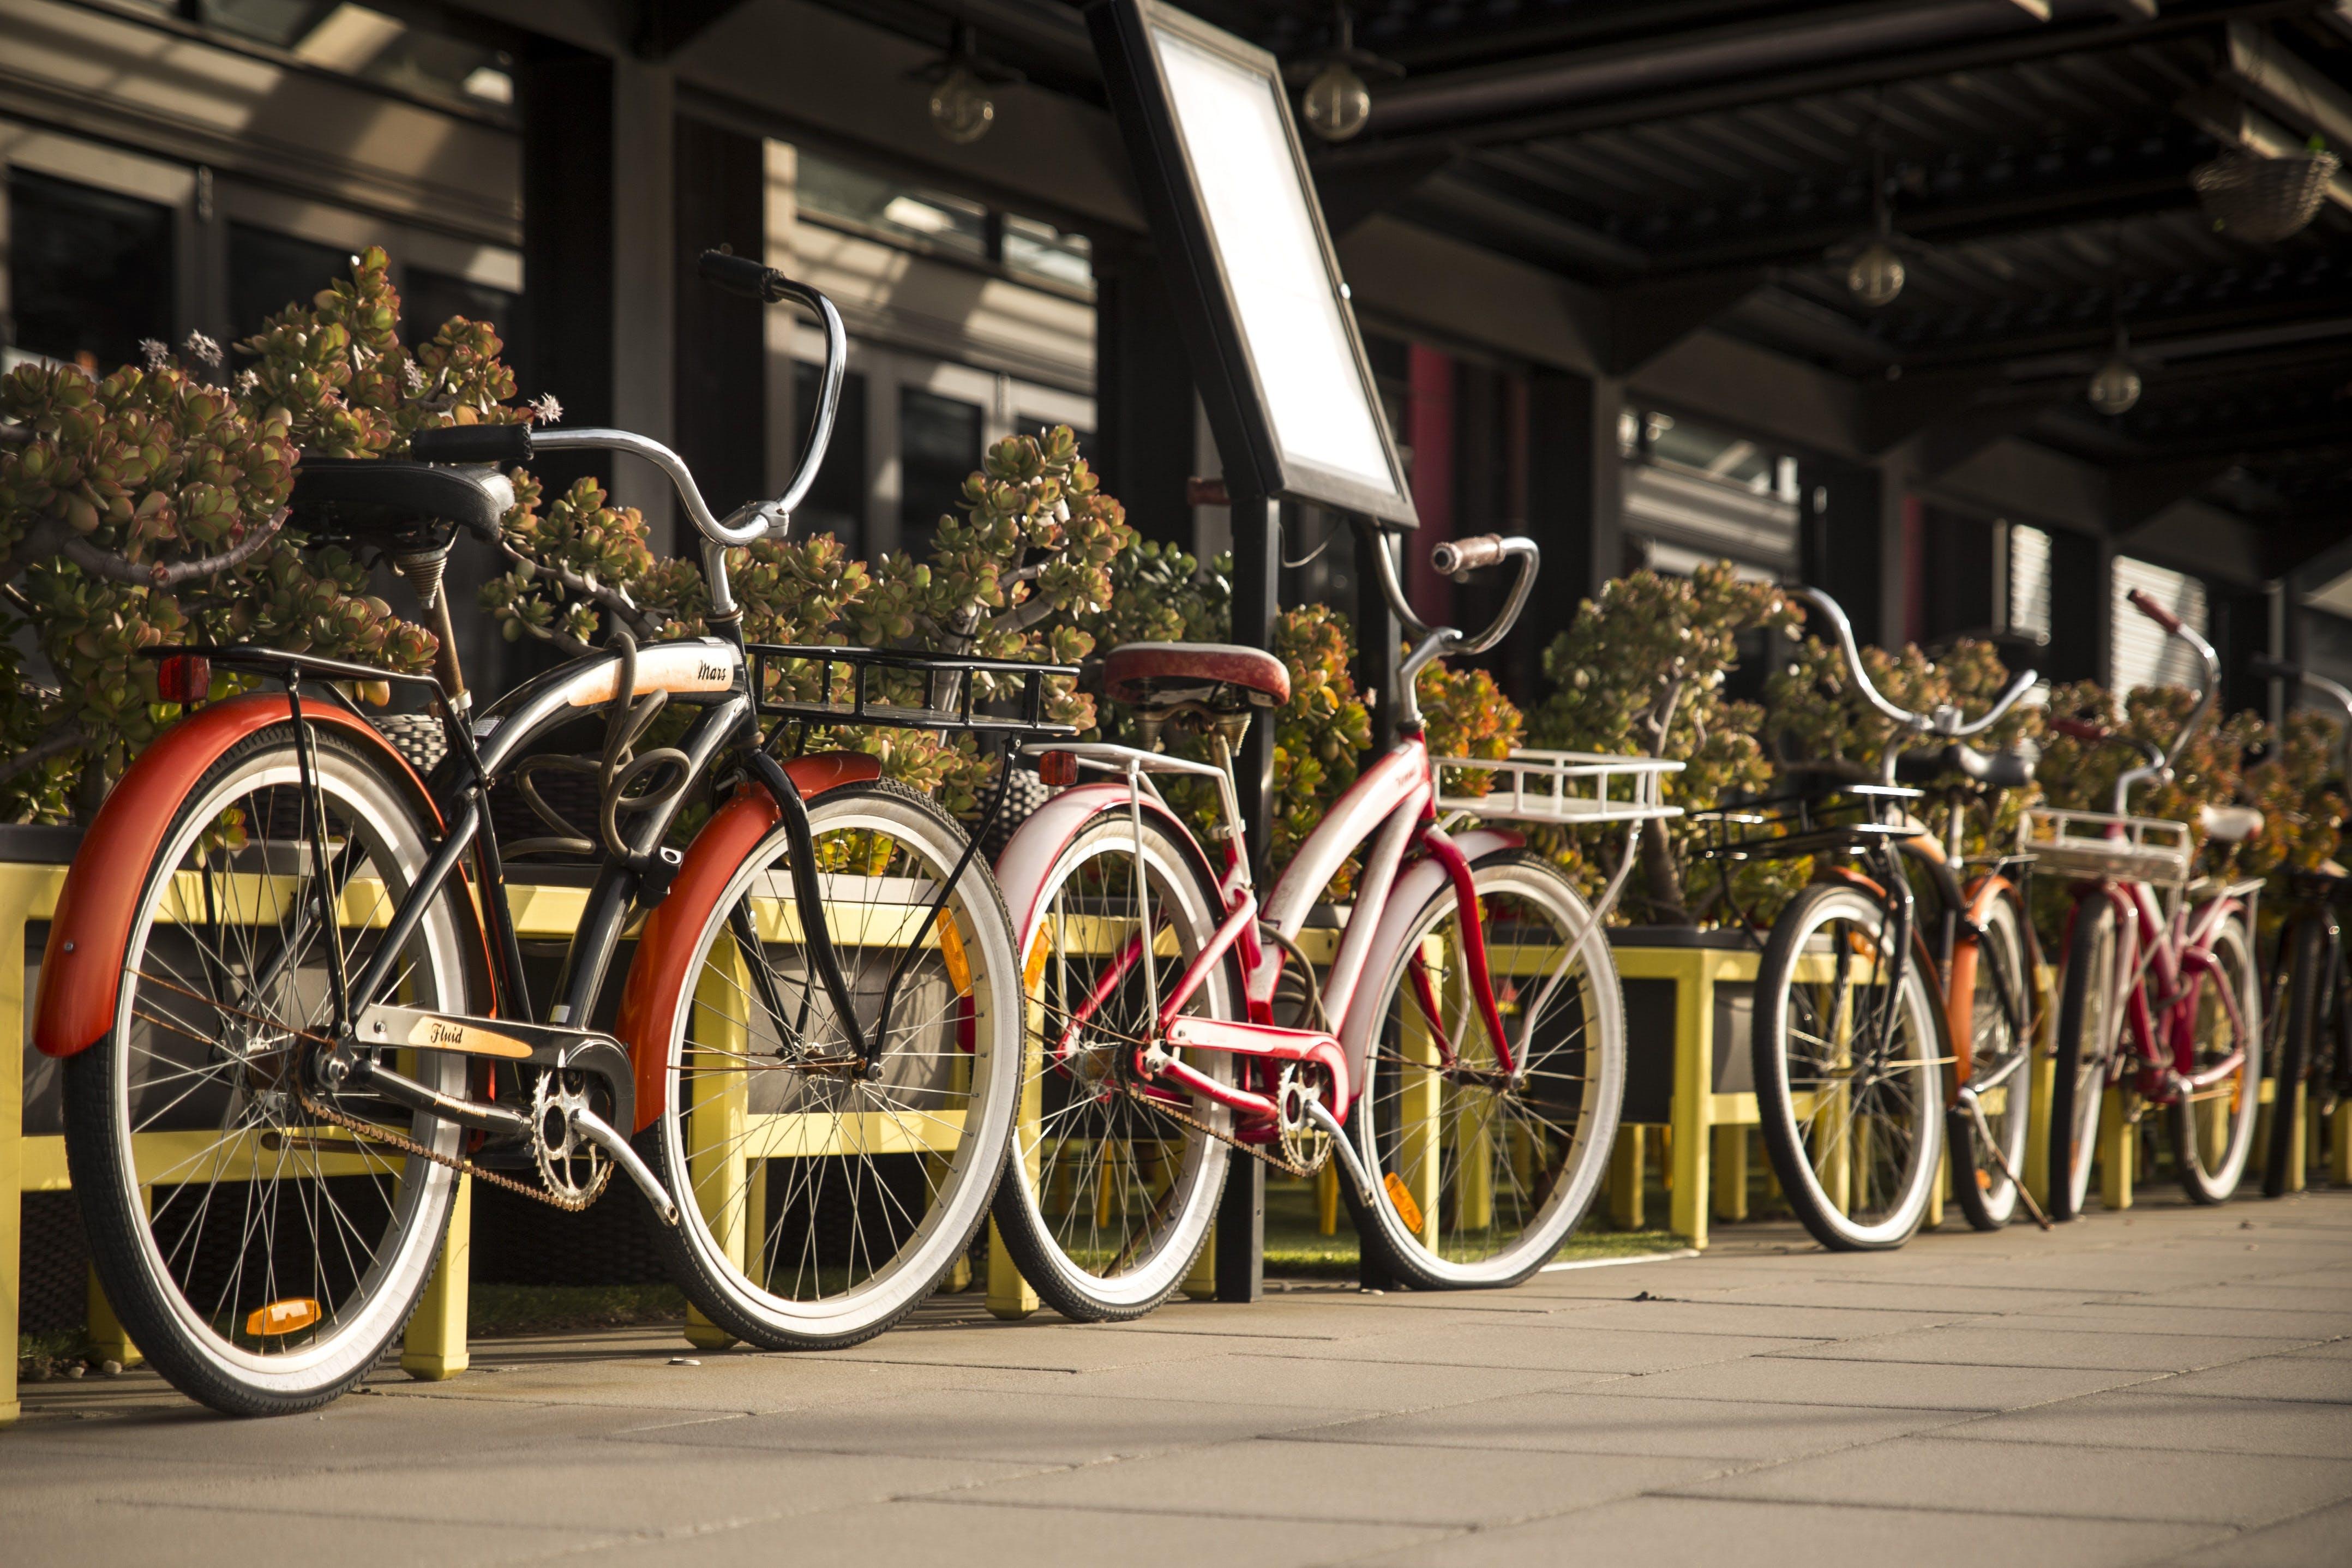 Four Beach Cruiser Bikes Parked Beside Railings